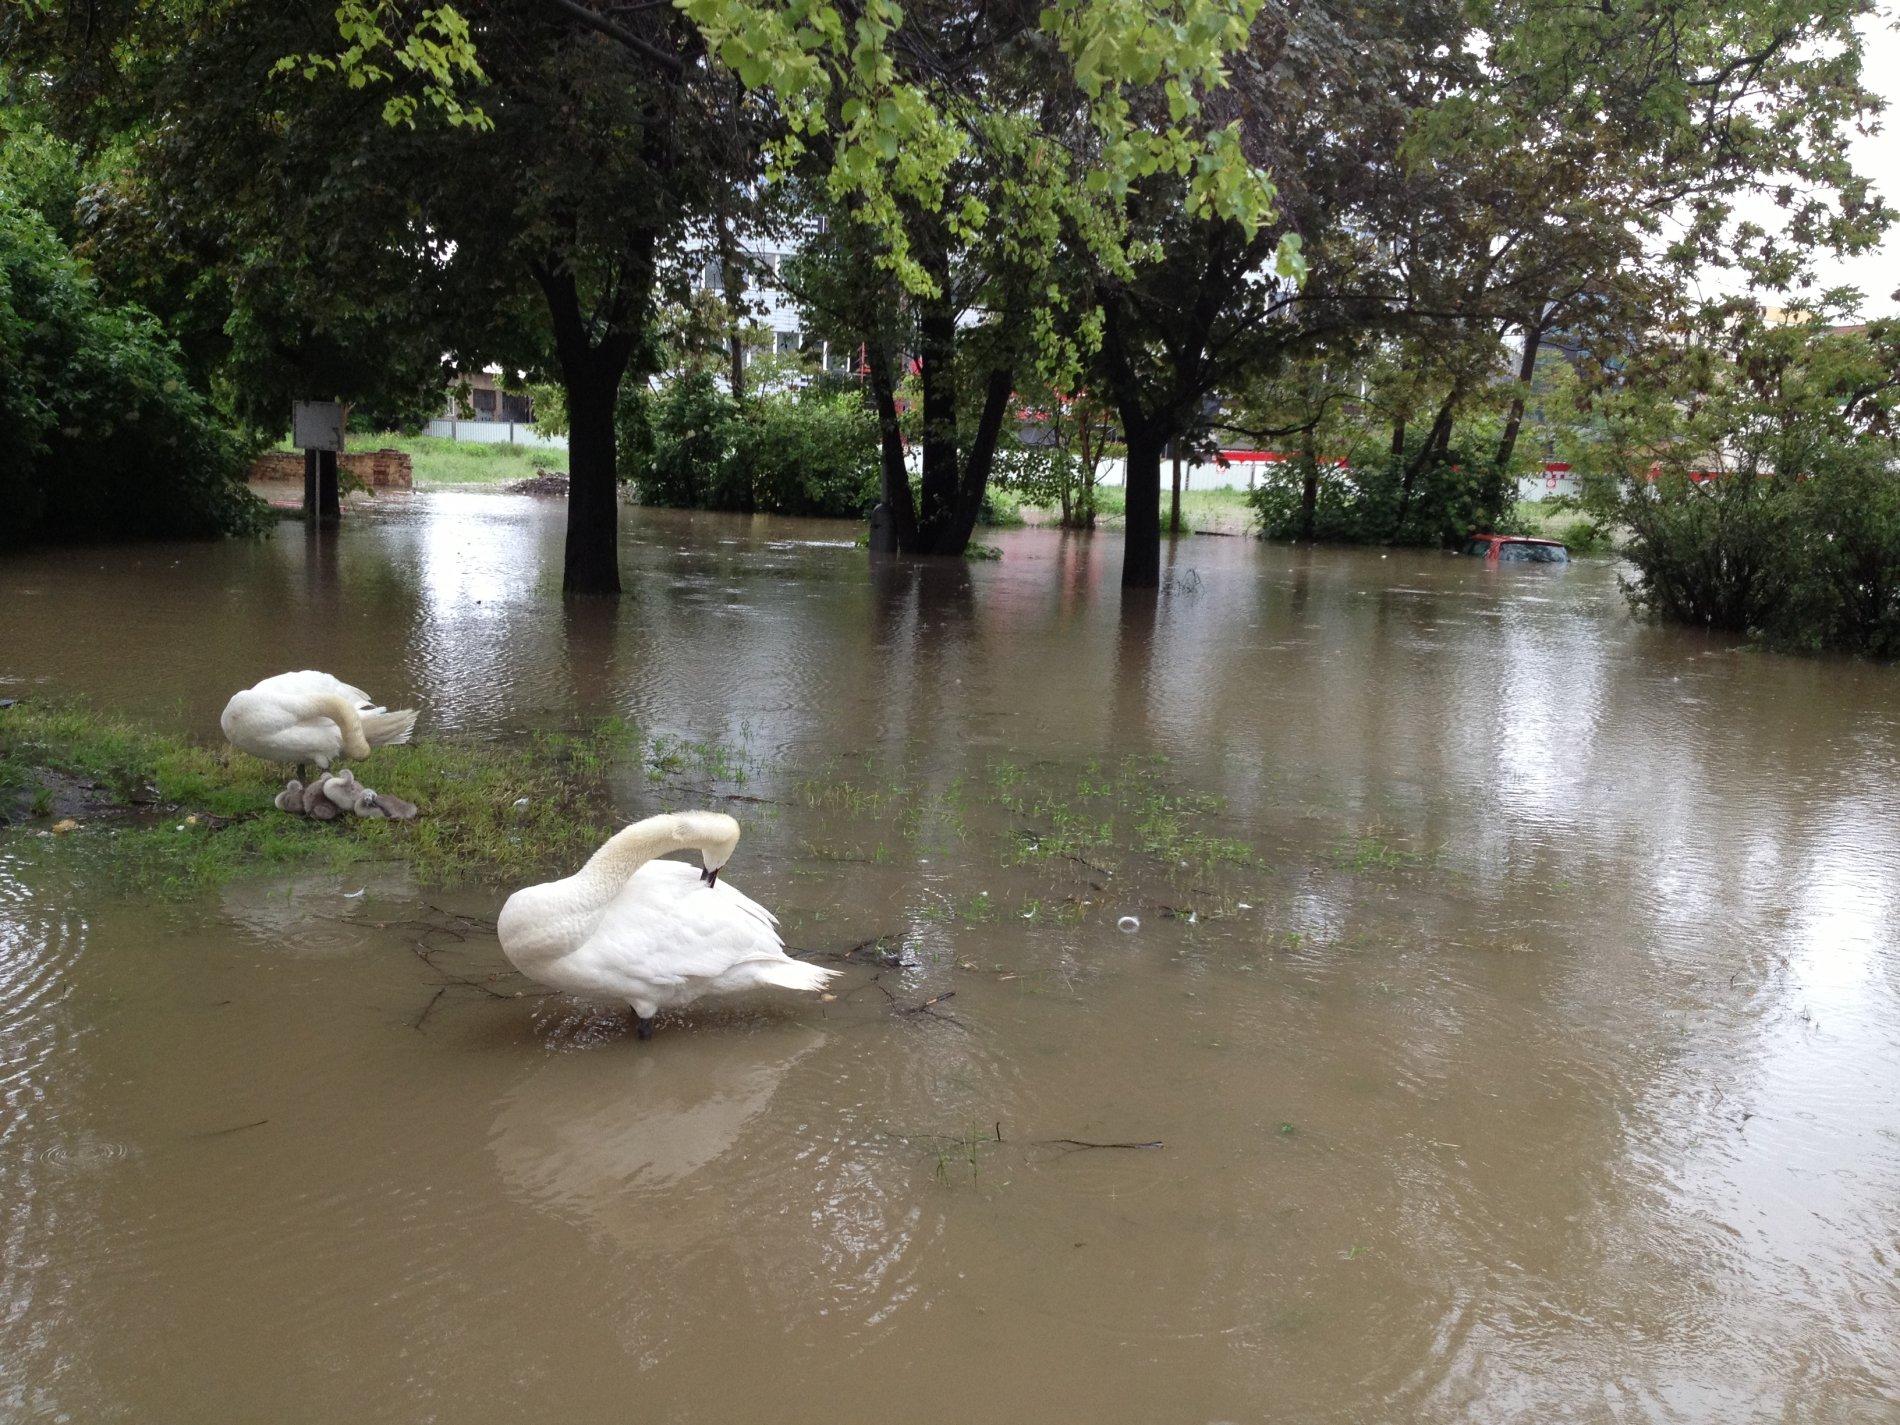 Labutě v Praze na Palmovce si plavou v parku. V zadu za nimi je vidět střecha zatopeného automobilu.